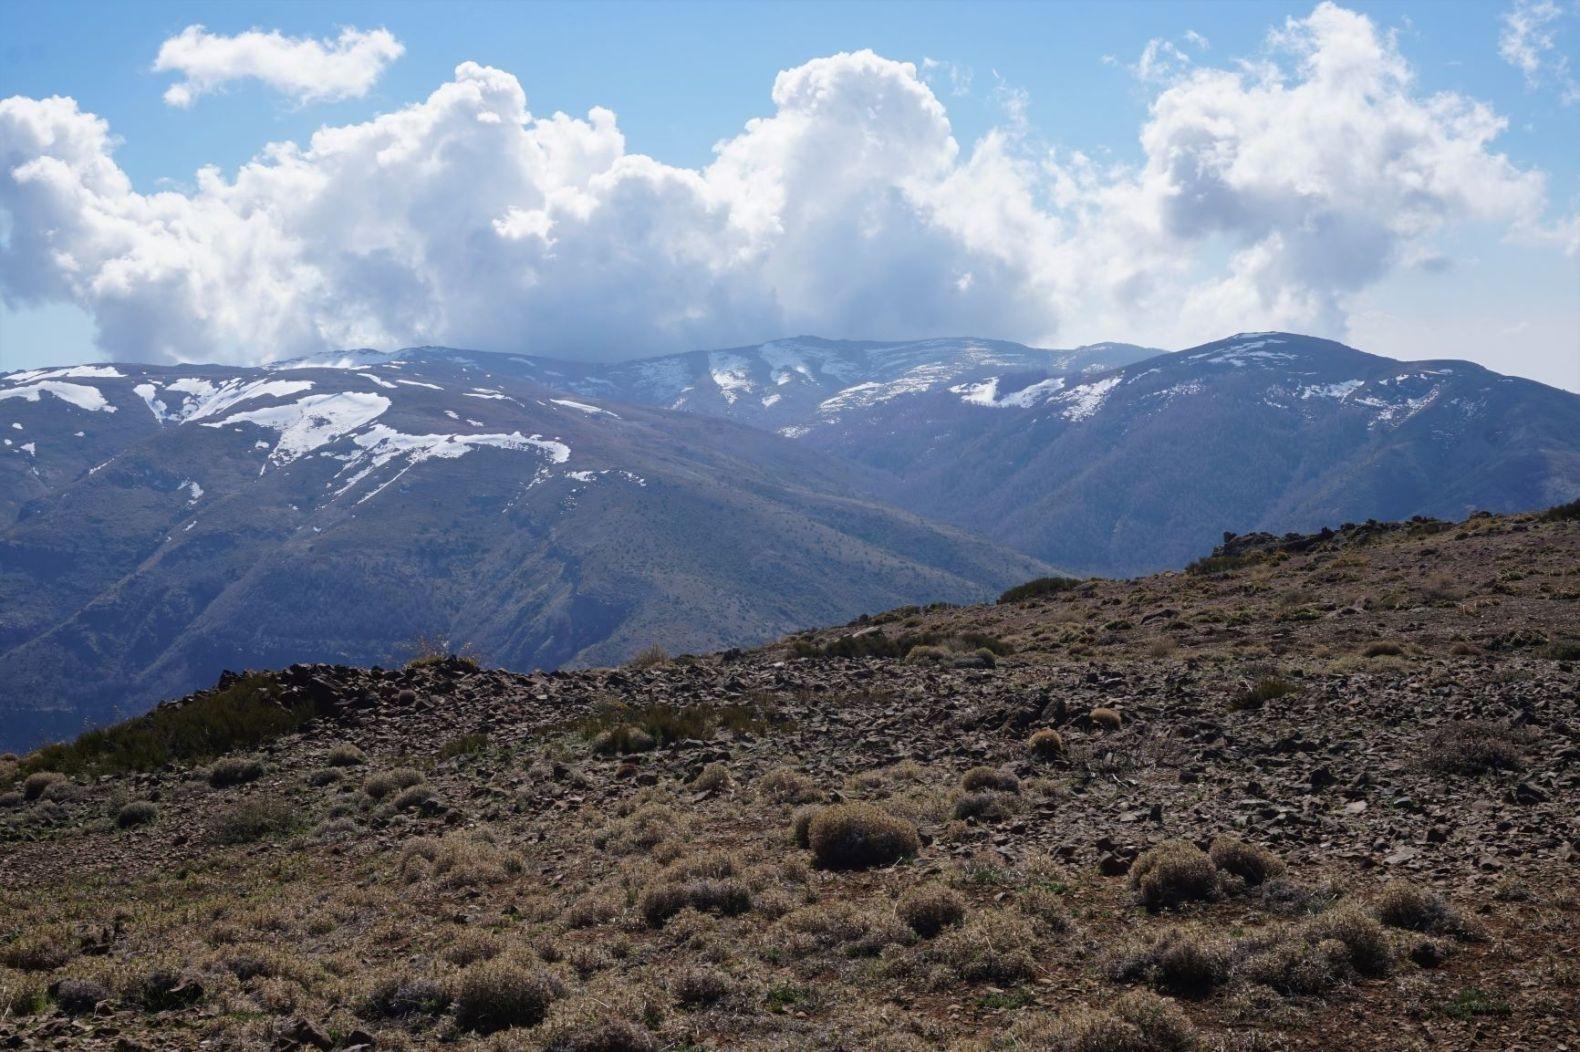 Exploración Cordillera de la Costa – 20 y 21 de julio